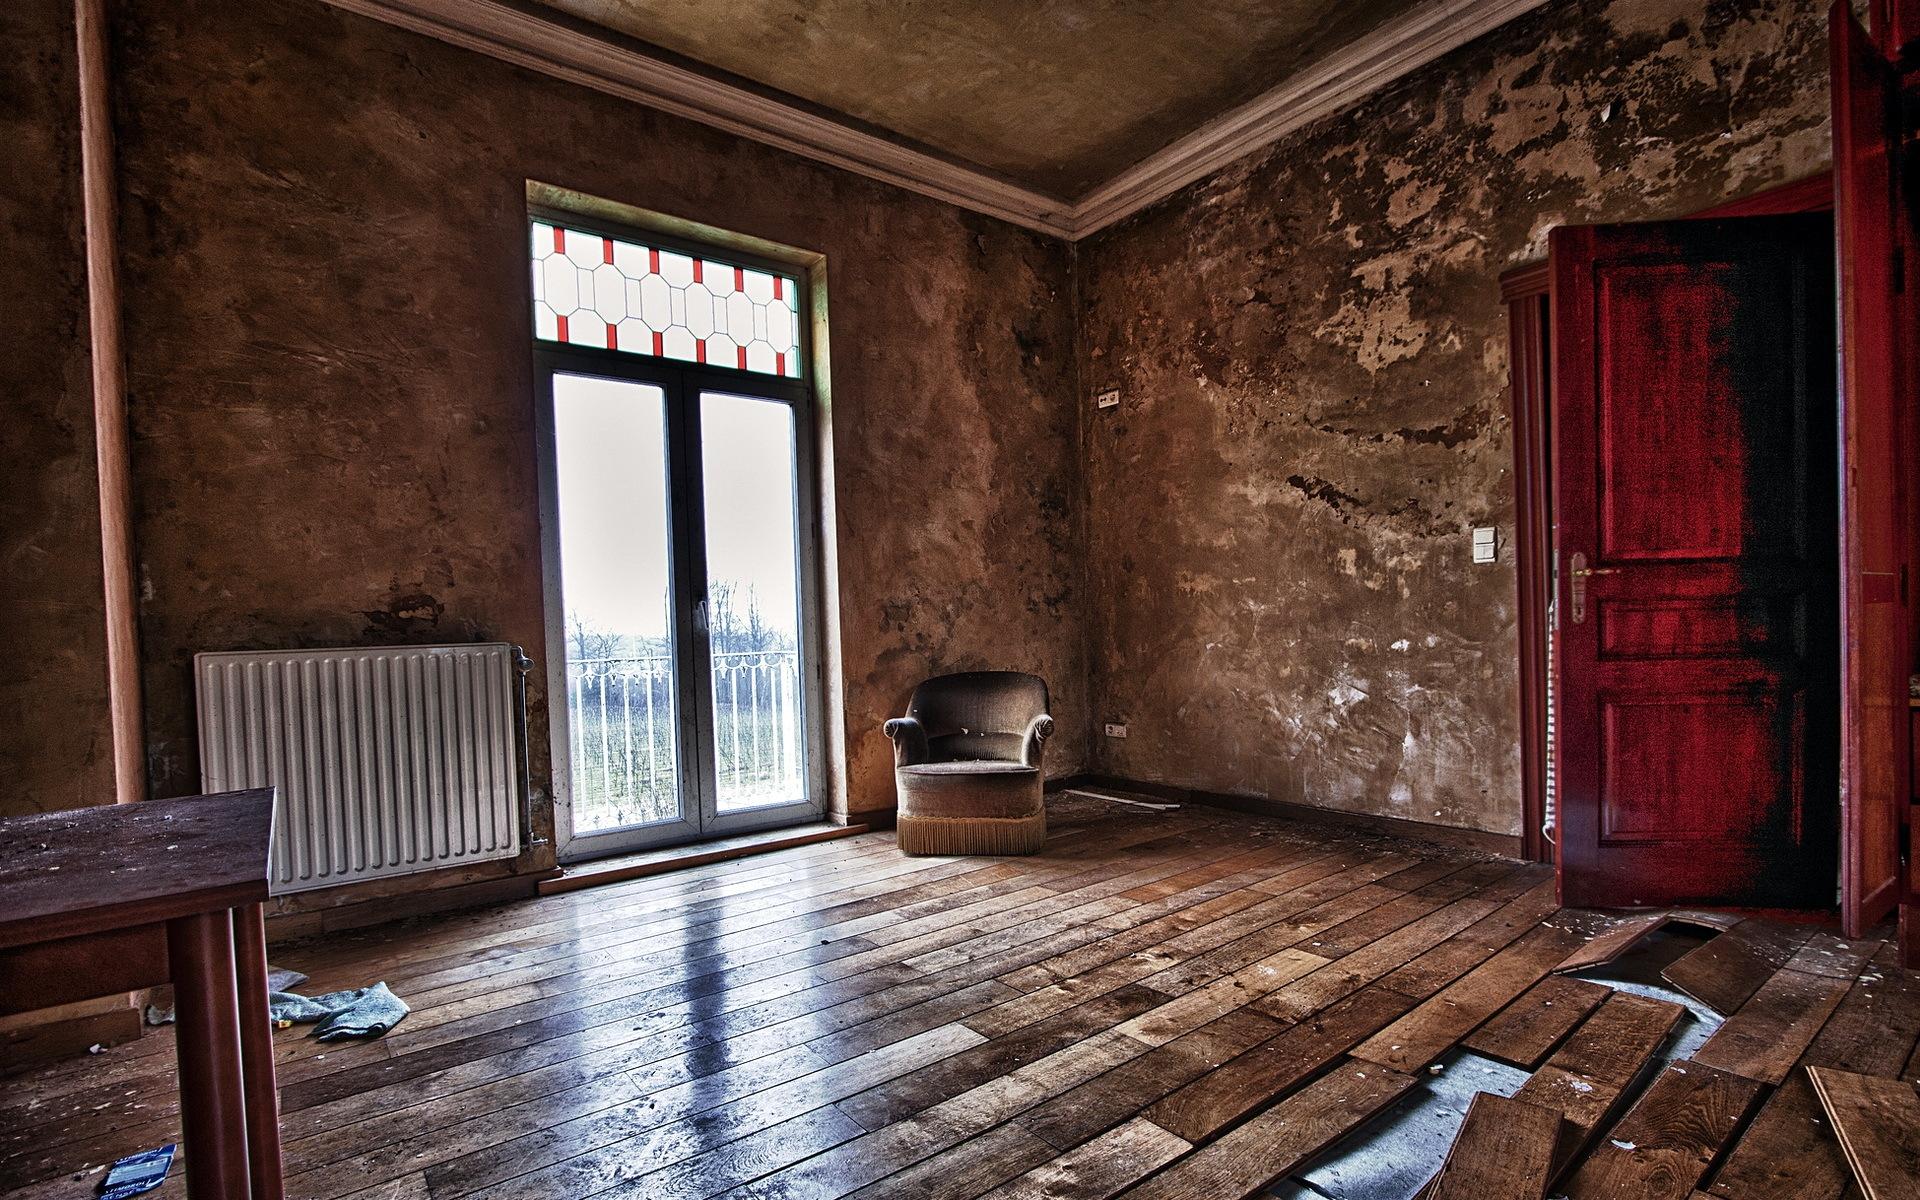 одно стены комнат убраны были несколькими картинками и картинками в старинных этом разделе